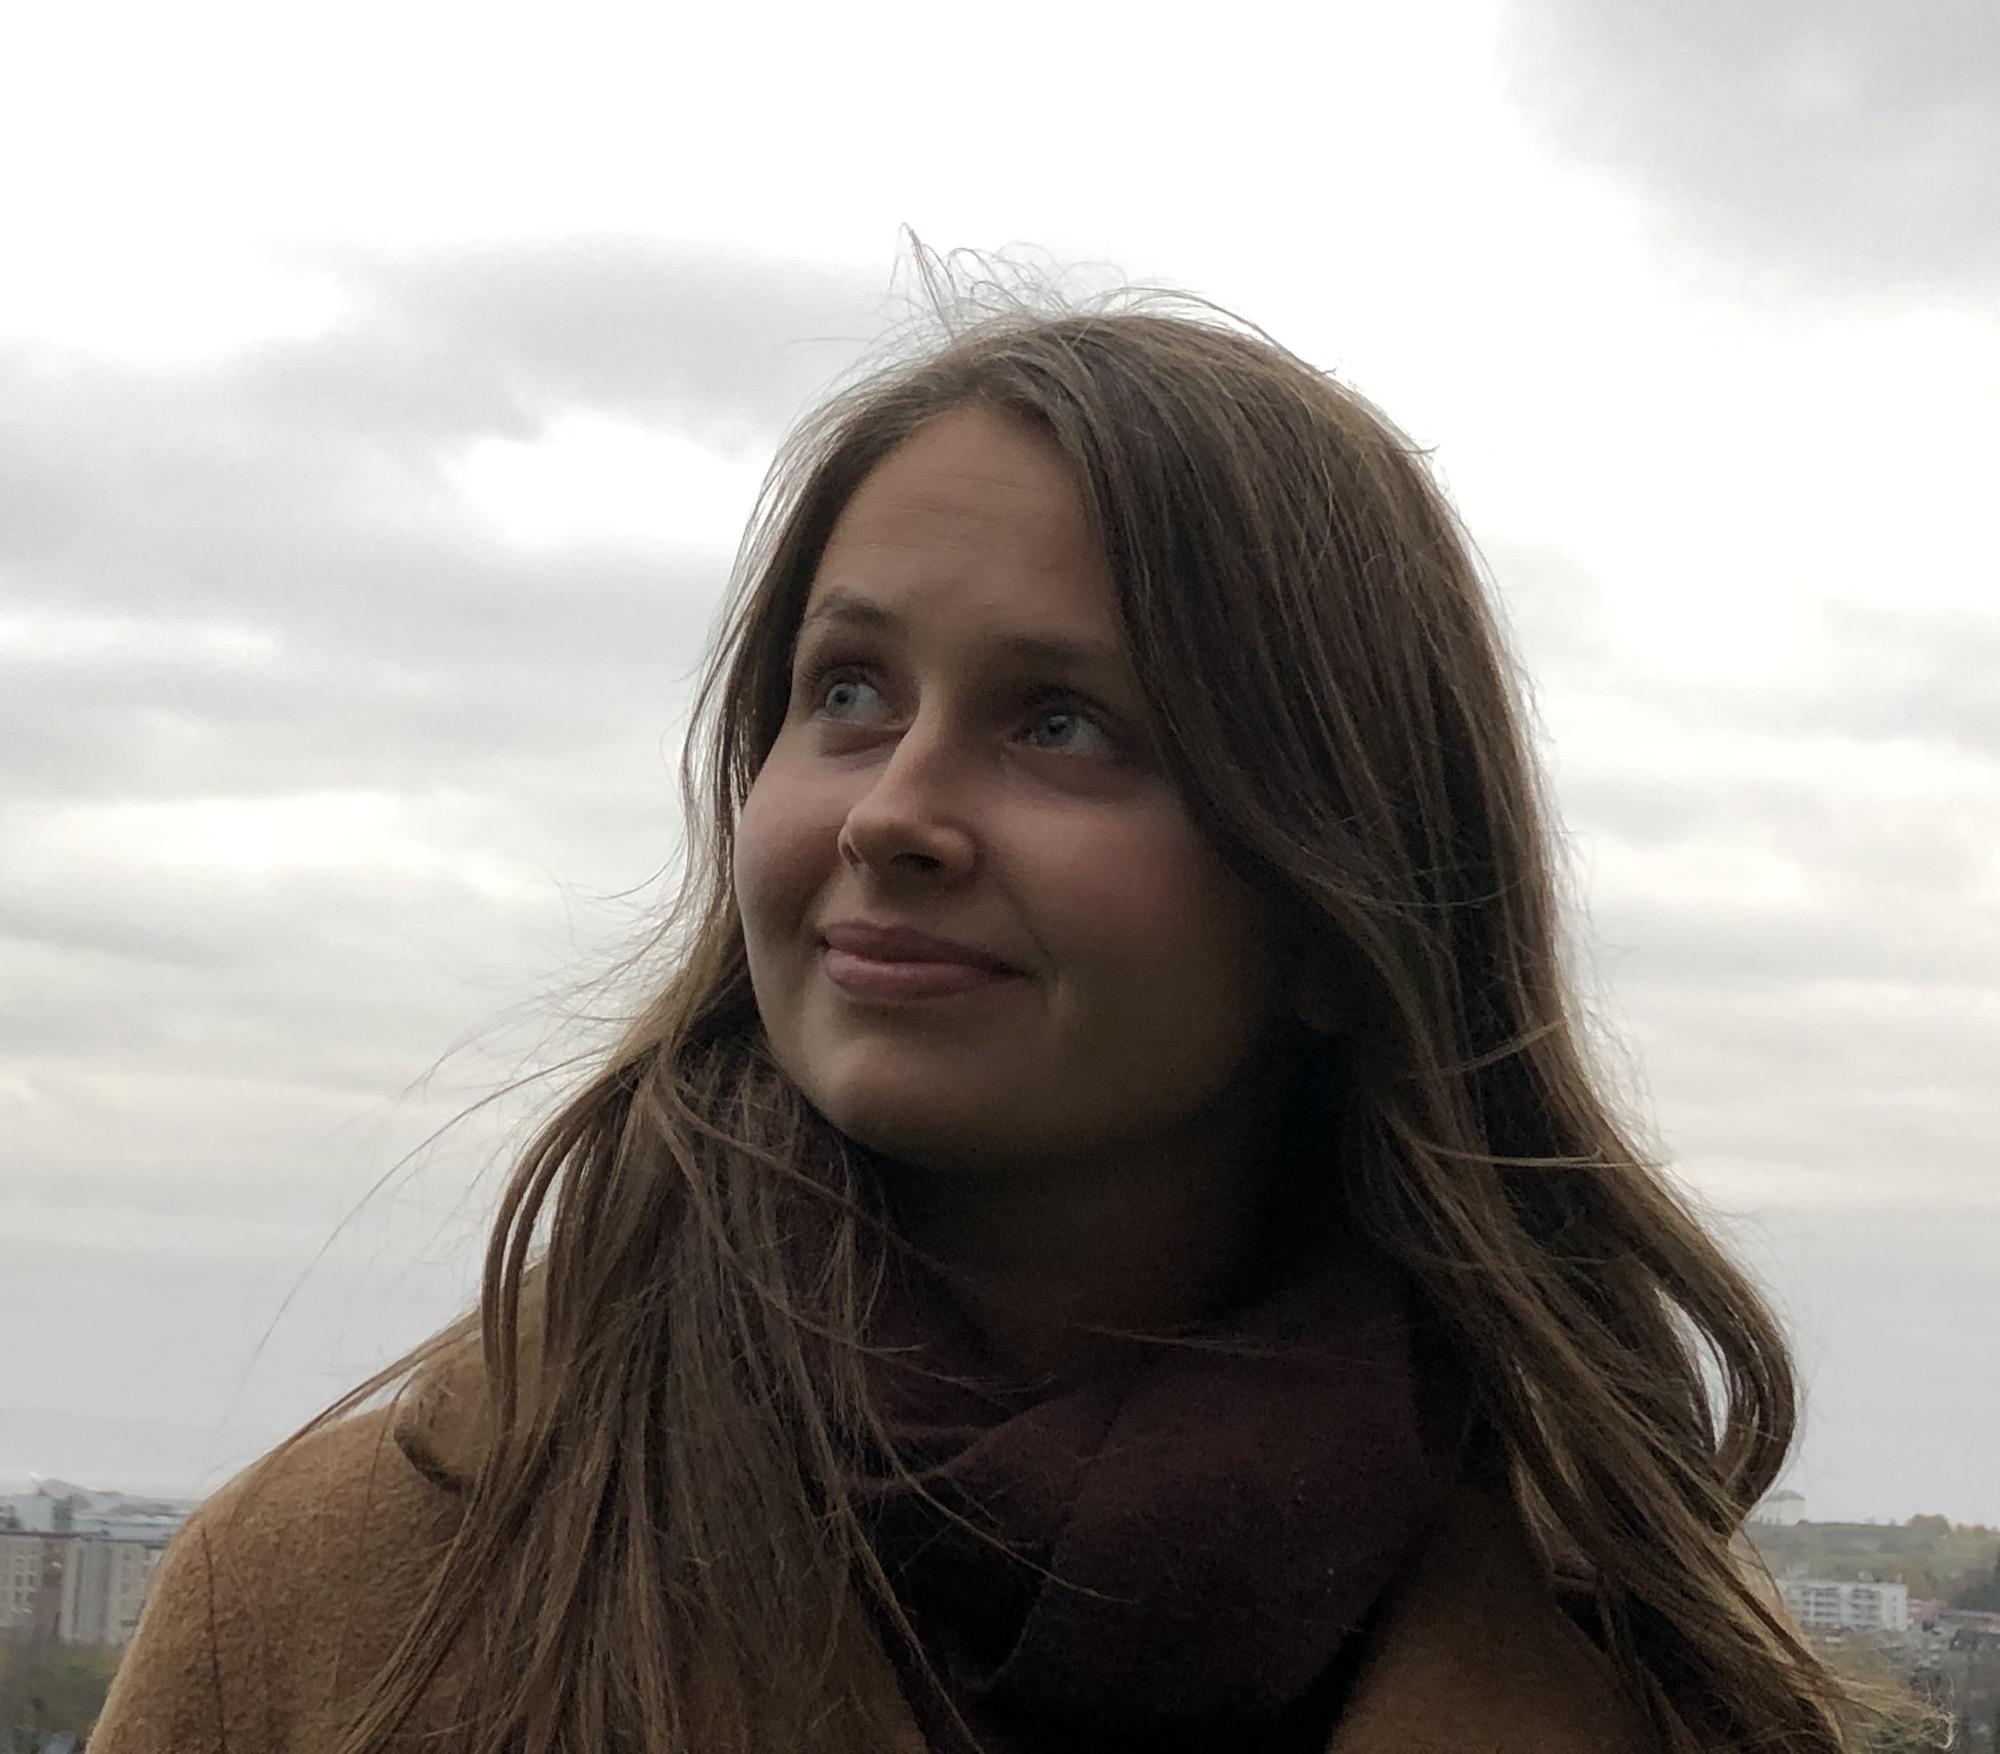 Sofie Volden Thorstensen